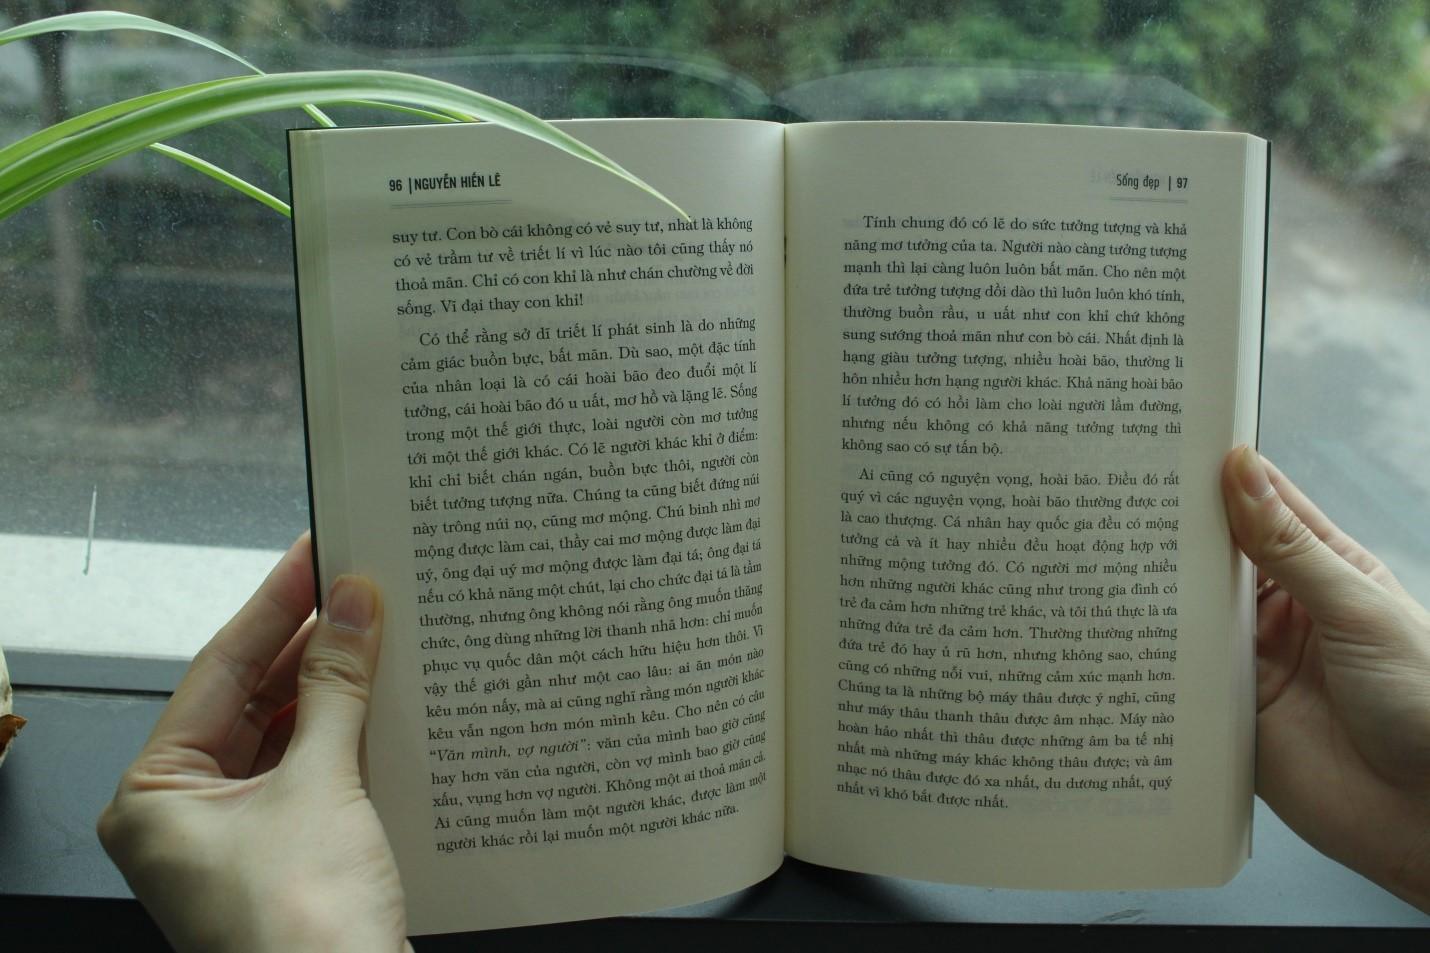 Sống Đẹp: Nghệ Thuật Sống Trọn Vẹn - Nguyễn Hiến Lê